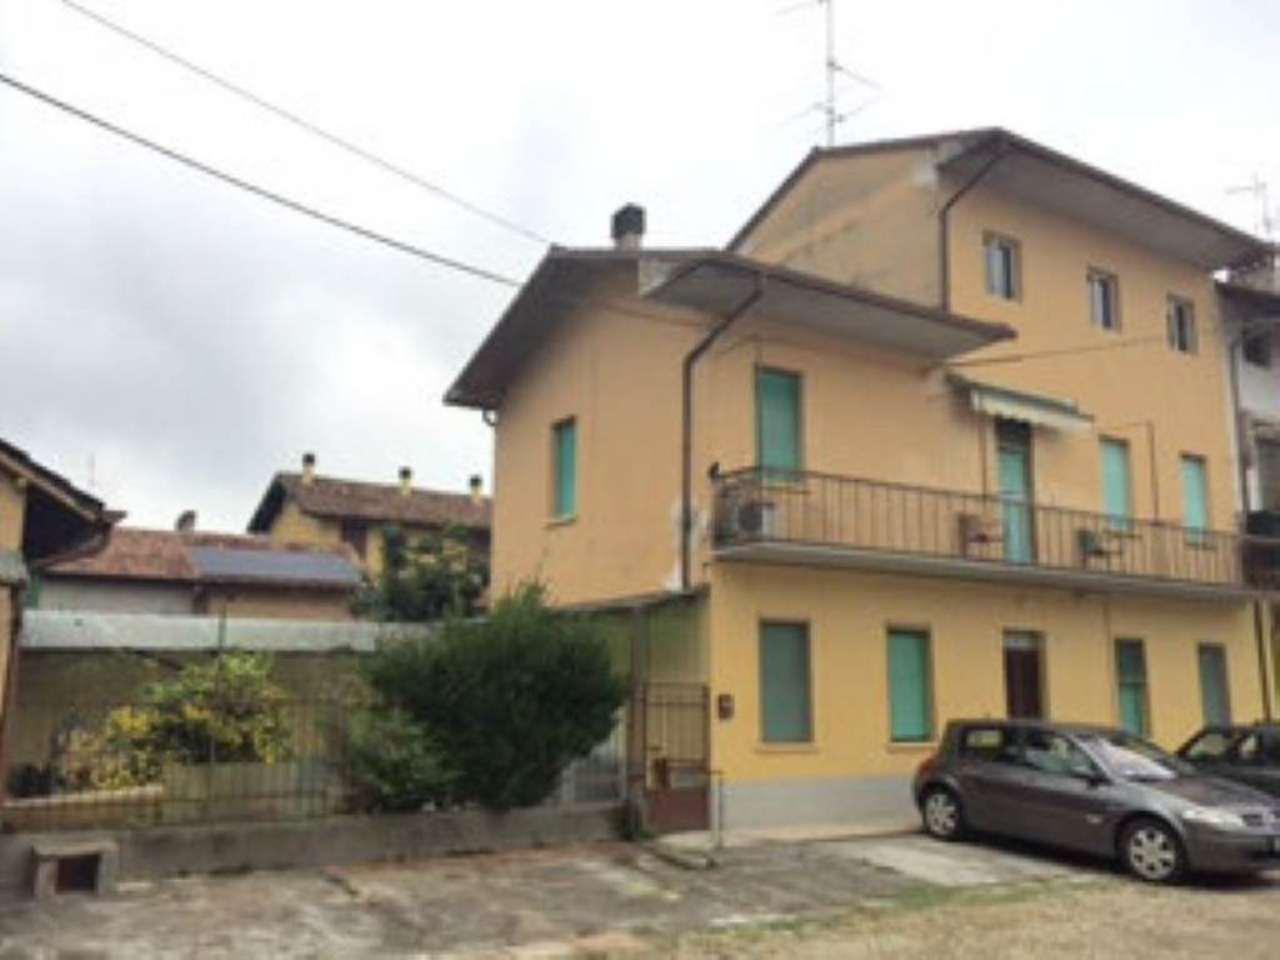 Soluzione Indipendente in vendita a Dorno, 5 locali, prezzo € 115.000 | Cambio Casa.it